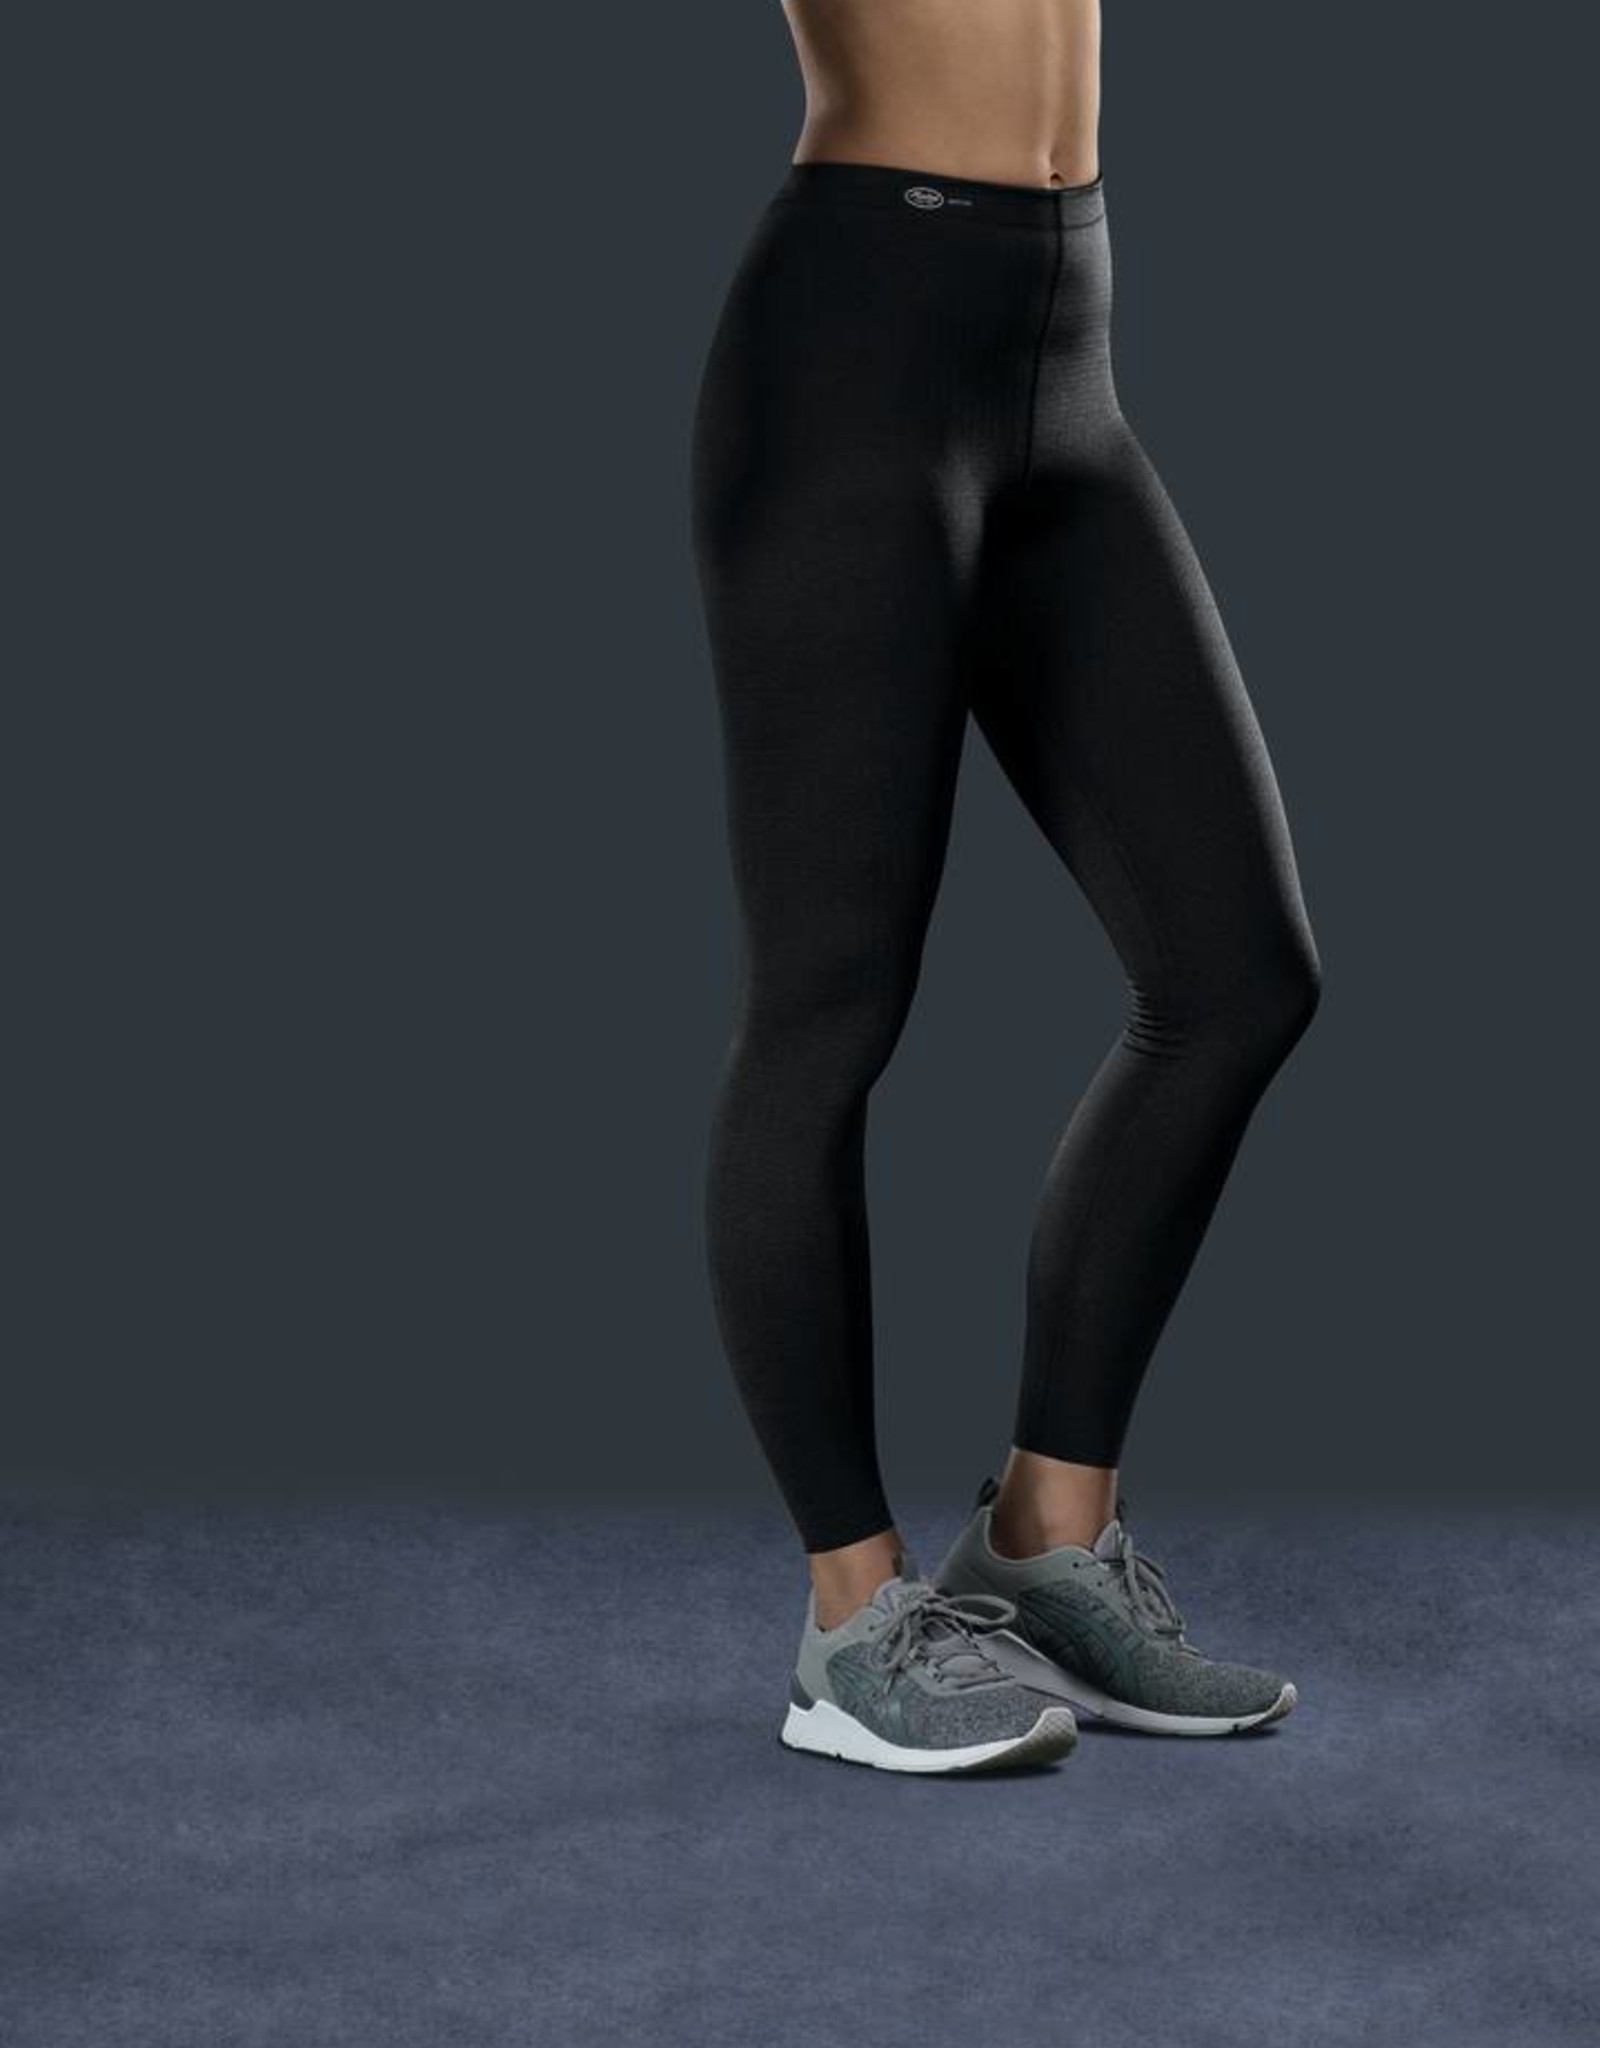 Anita Sport Compression Tights